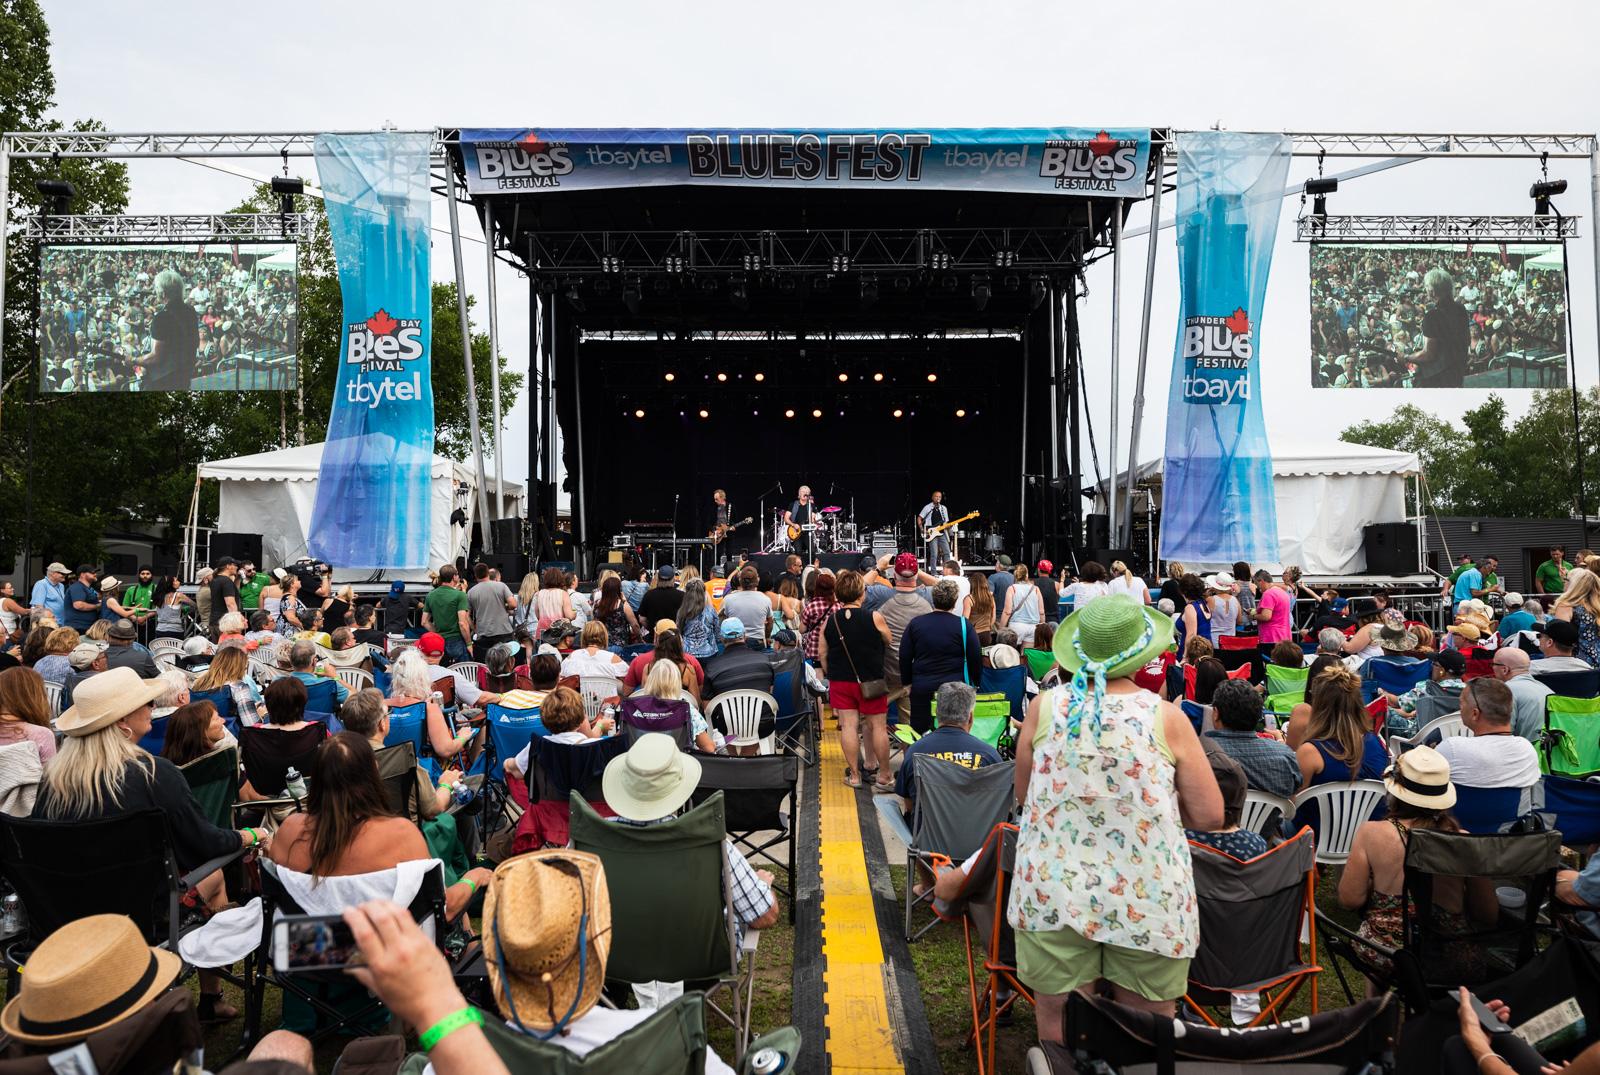 bluesfest-2019-blog-22.jpg